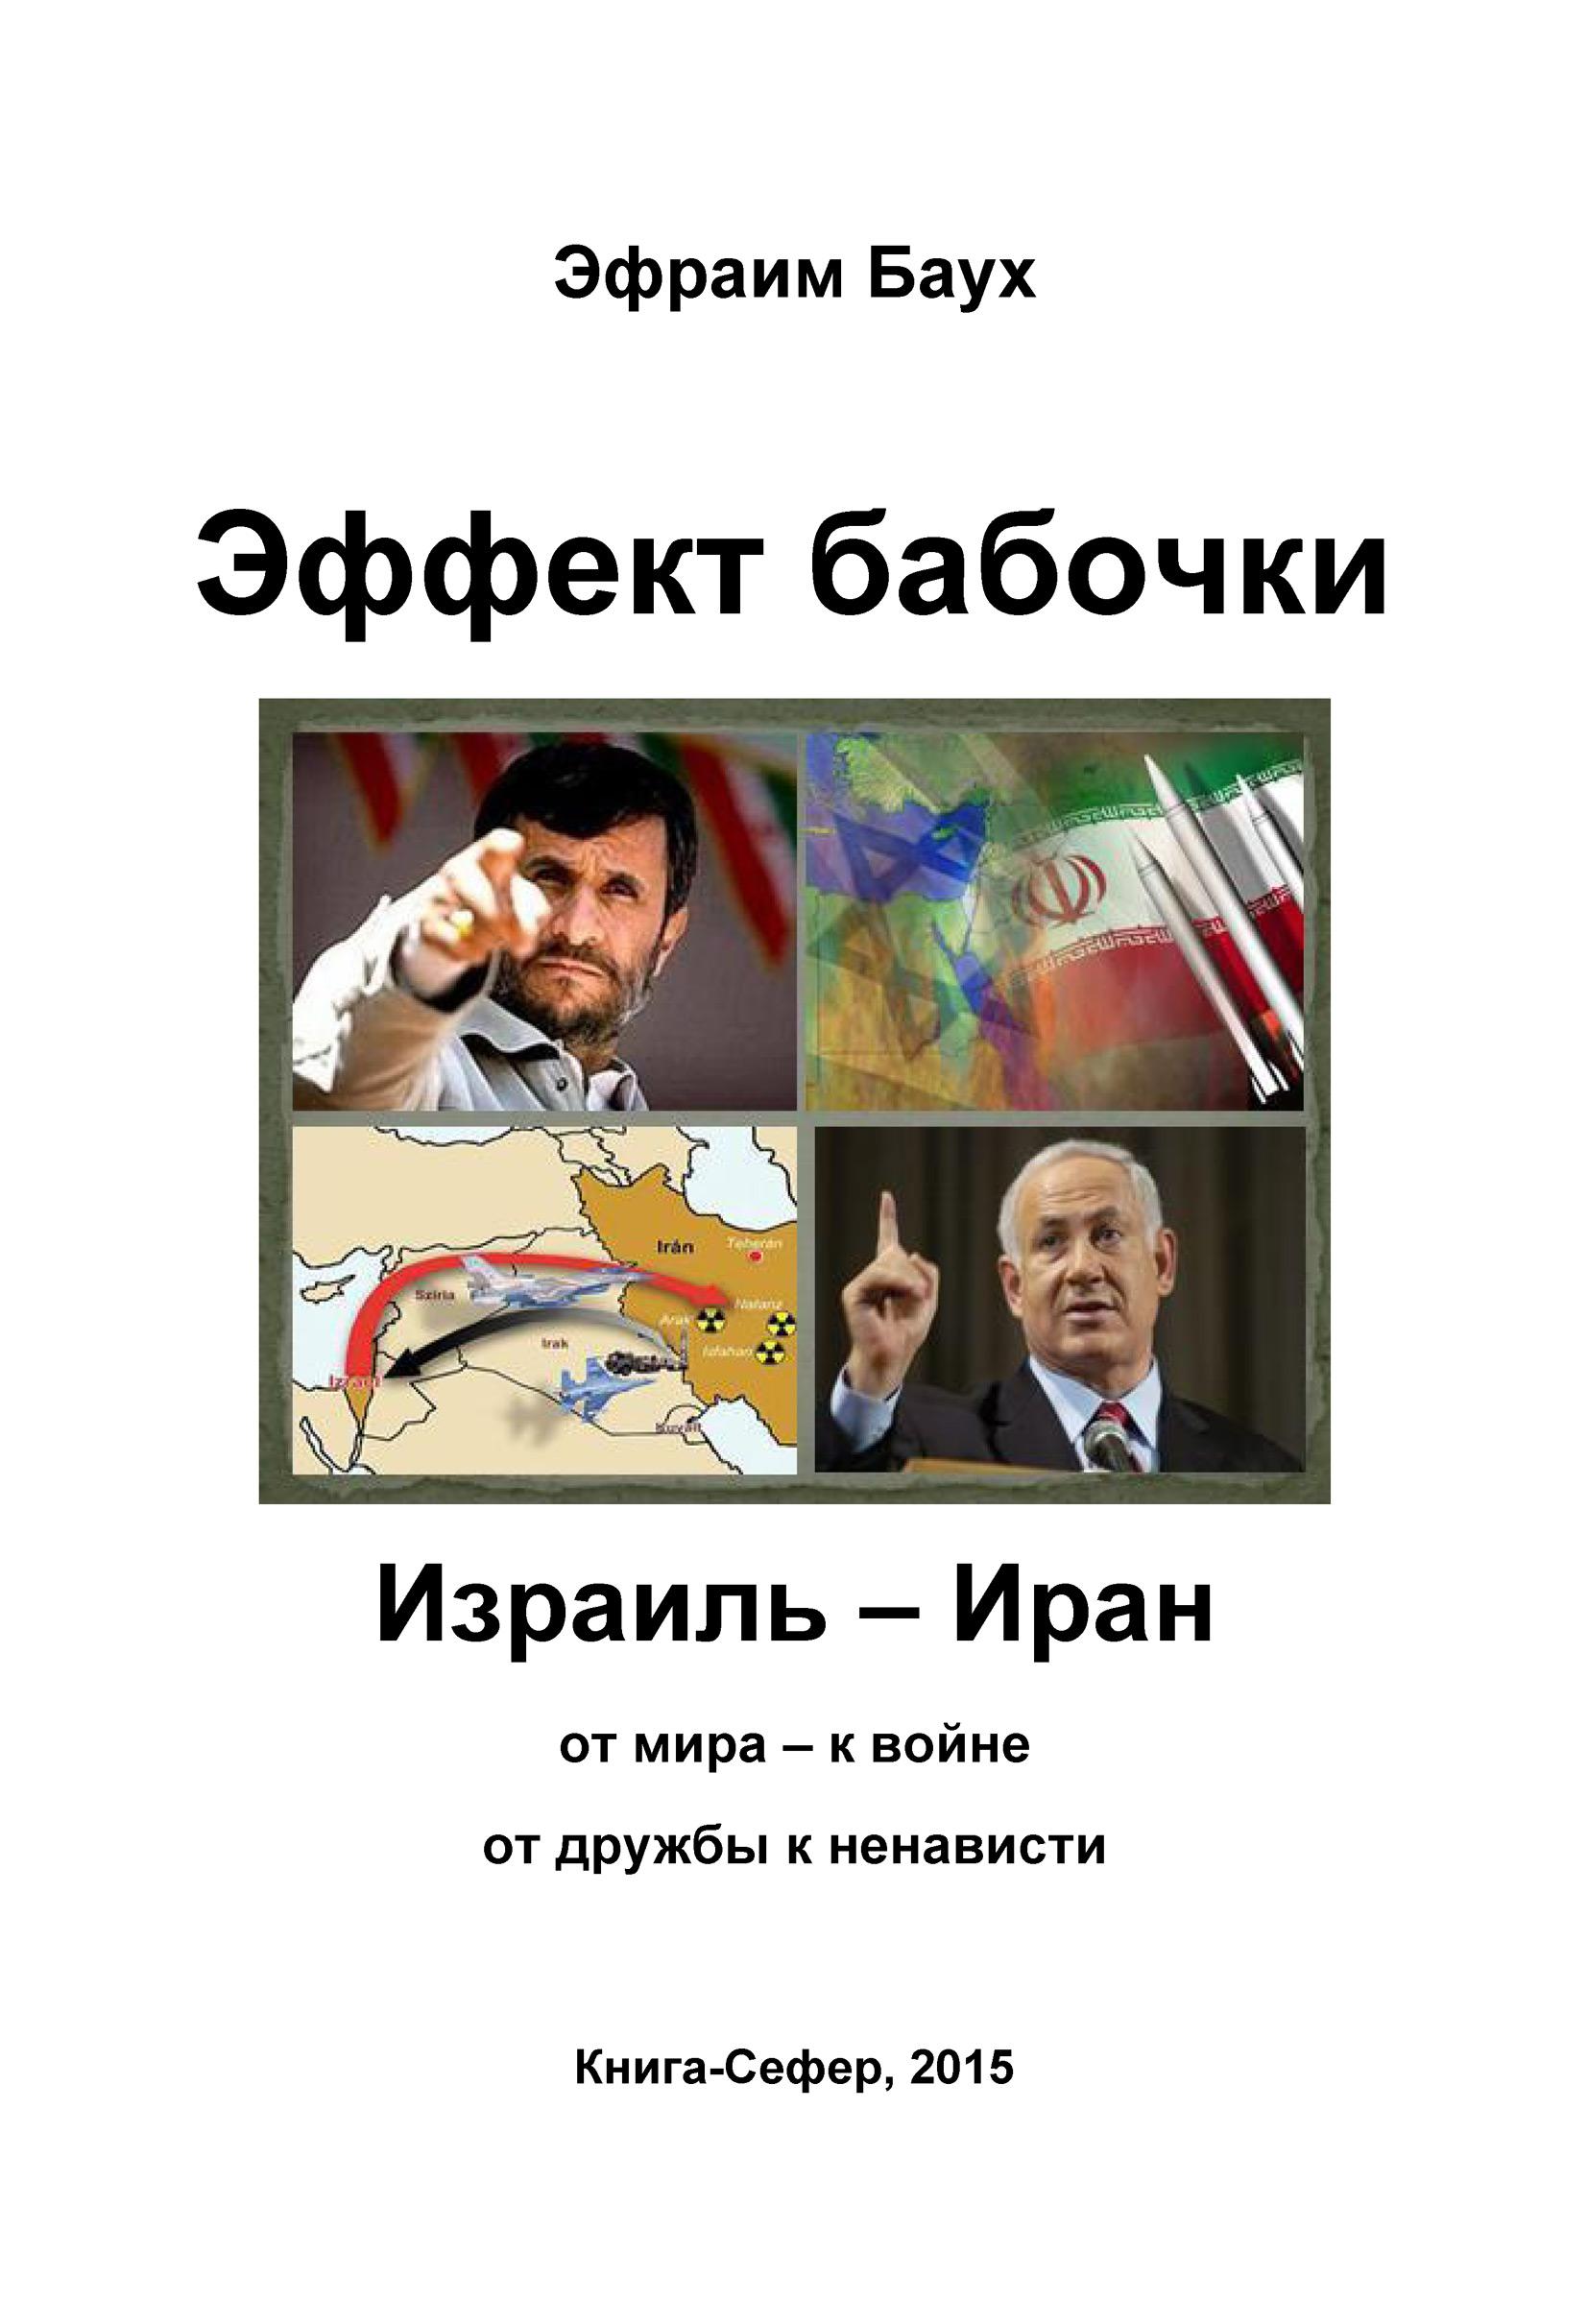 Эфраим Баух Эффект бабочки. Израиль – Иран: от мира – к войне, от дружбы к ненависти эфраим баух что в имени тебе моем…